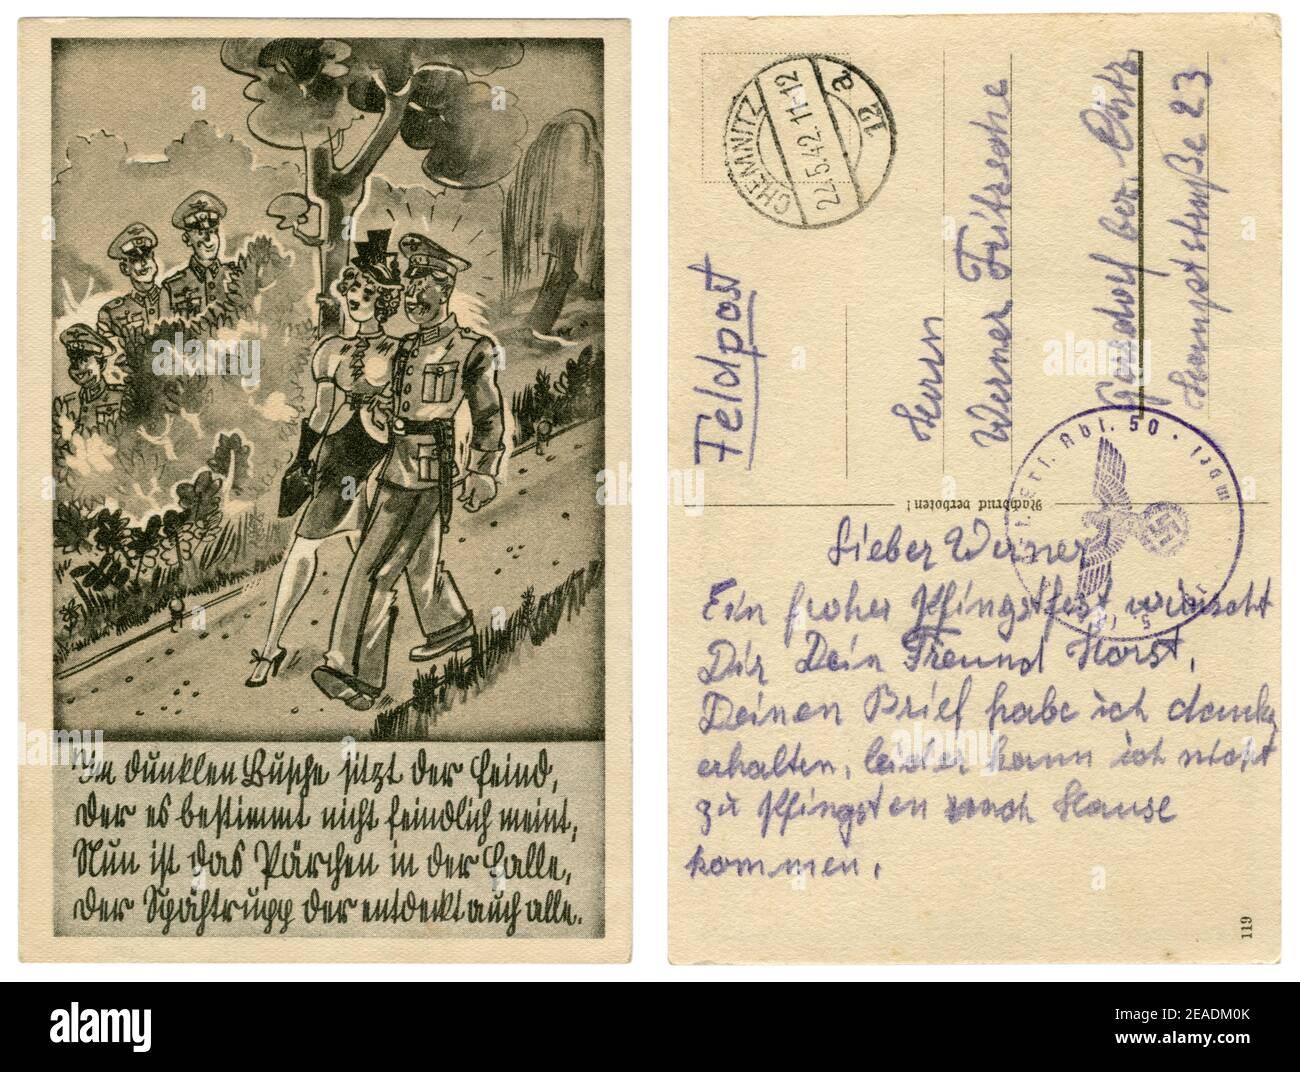 Carte postale historique allemande : soldat allemand en tenue habillée uniforme marchant dans le parc avec une fille. Date et embuscade dans les buissons, série satirique 1939 Banque D'Images